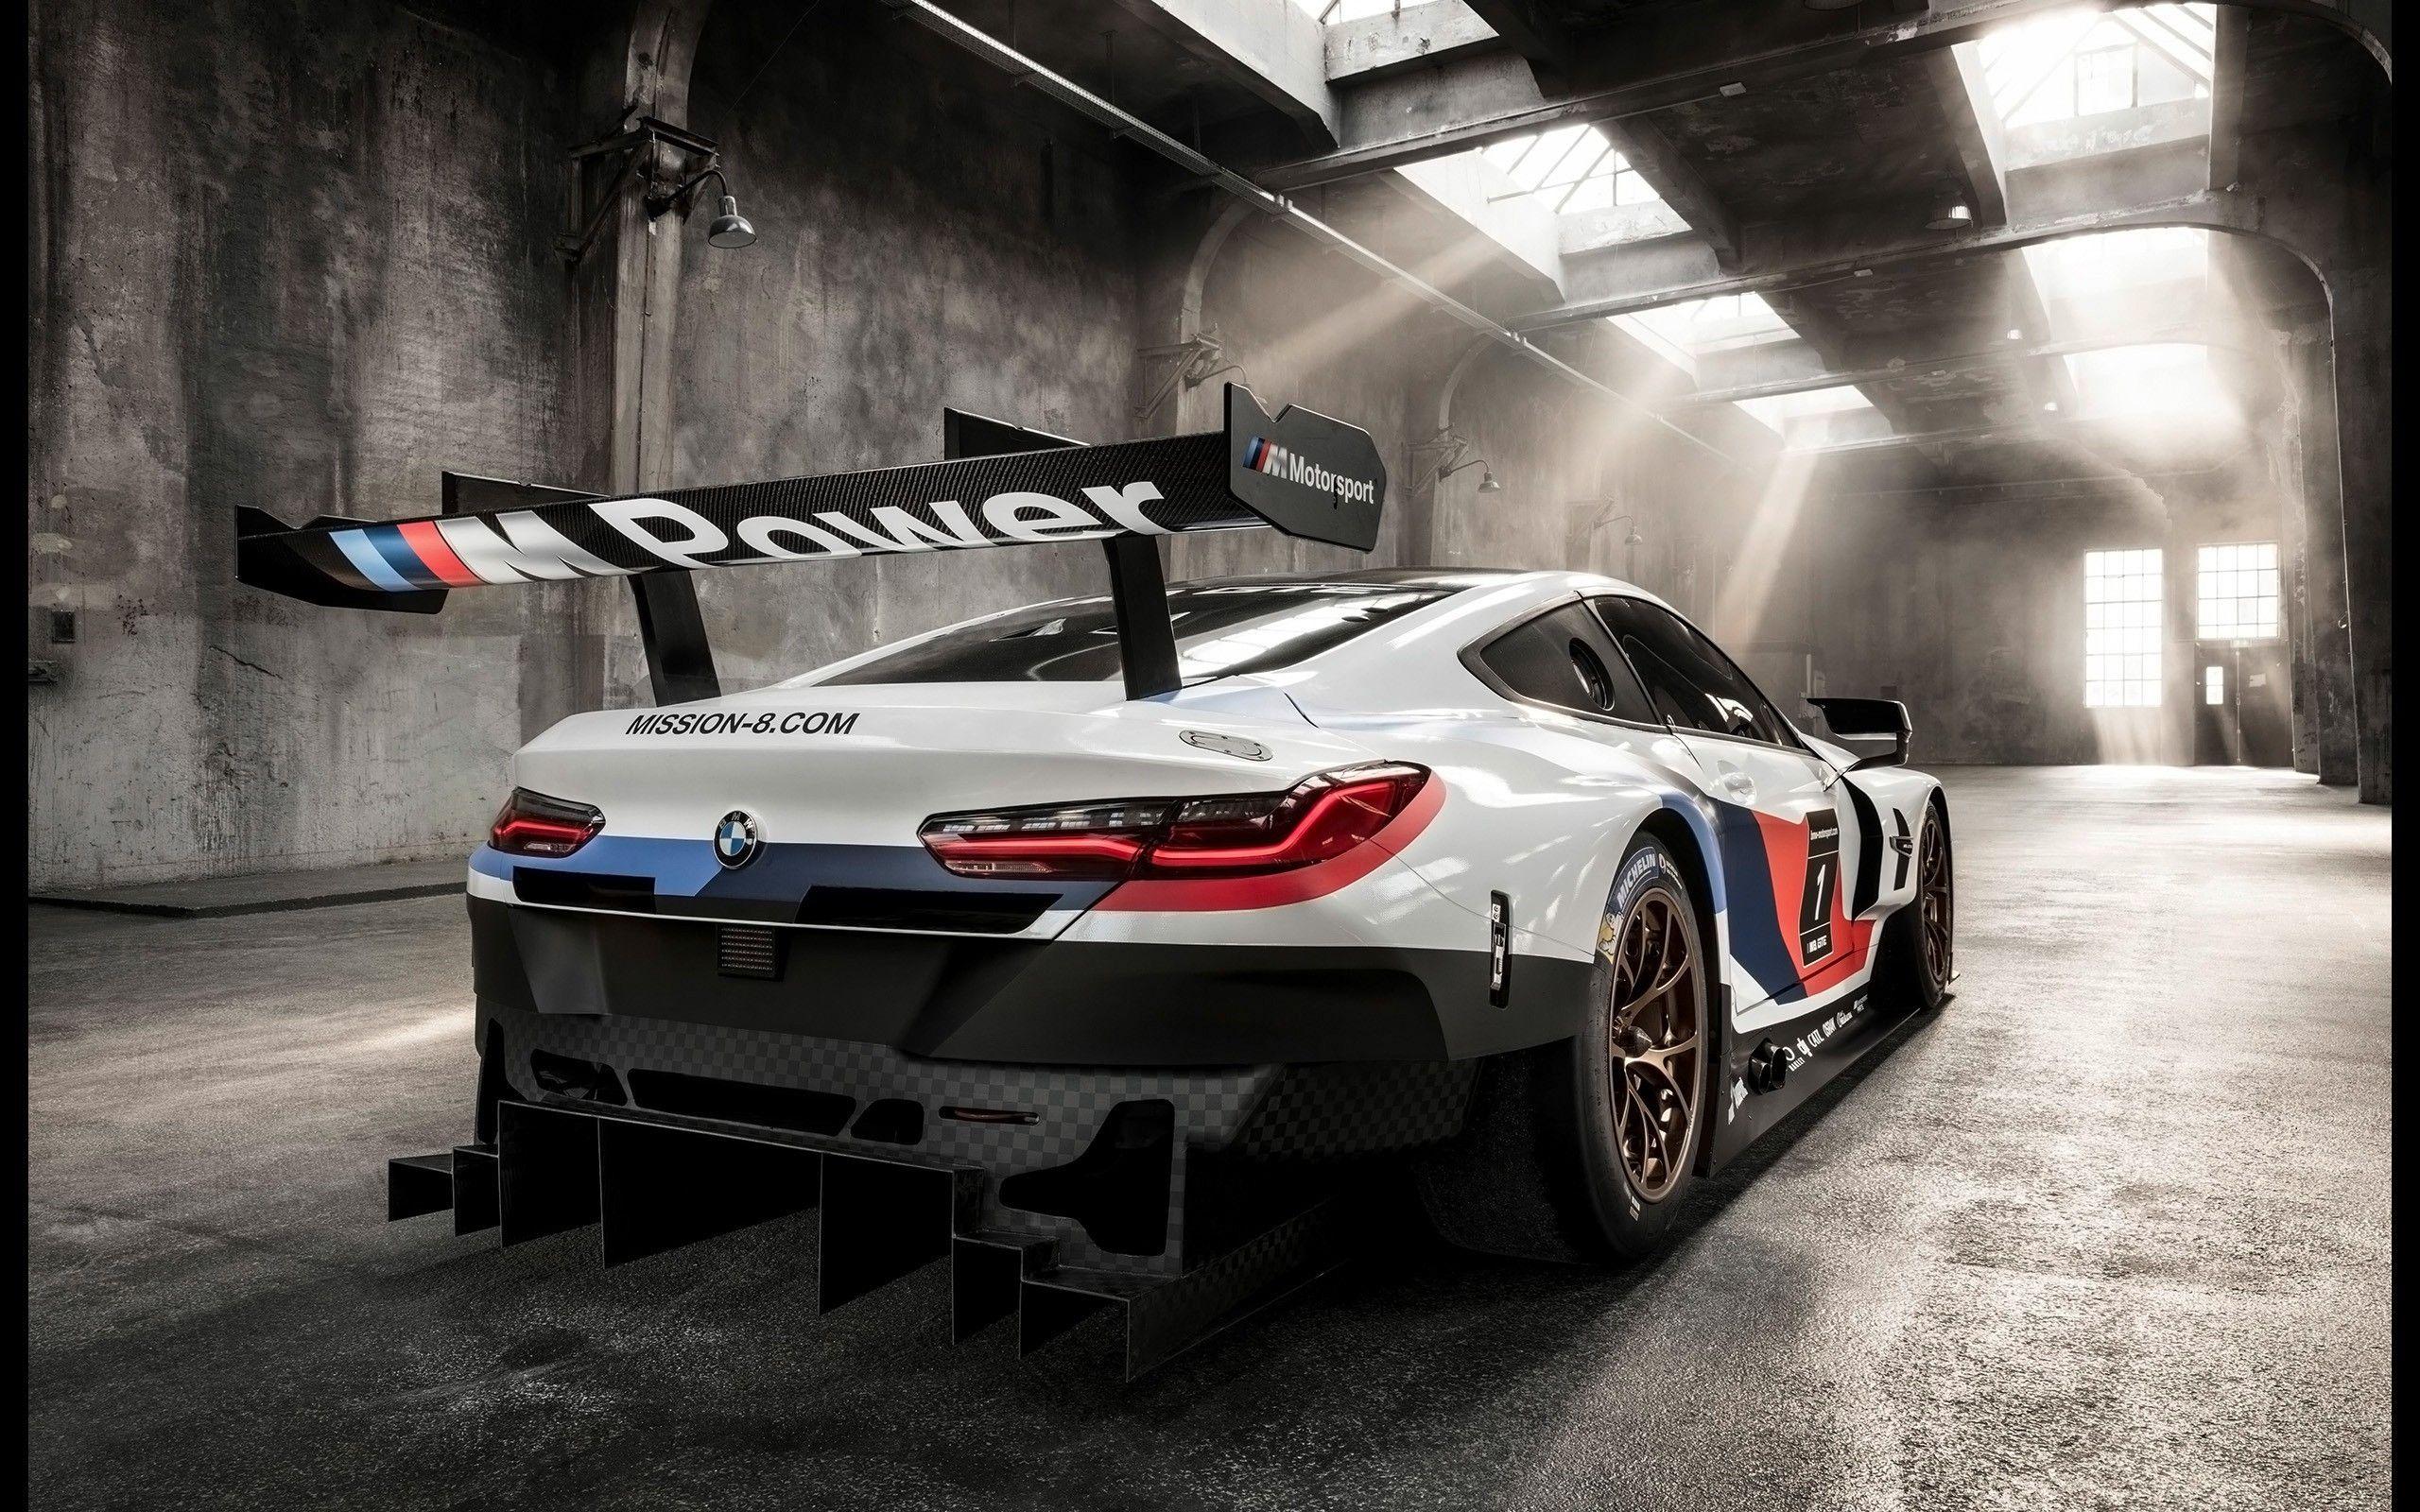 2018 Bmw M8 Price Race Cars Bmw Le Mans